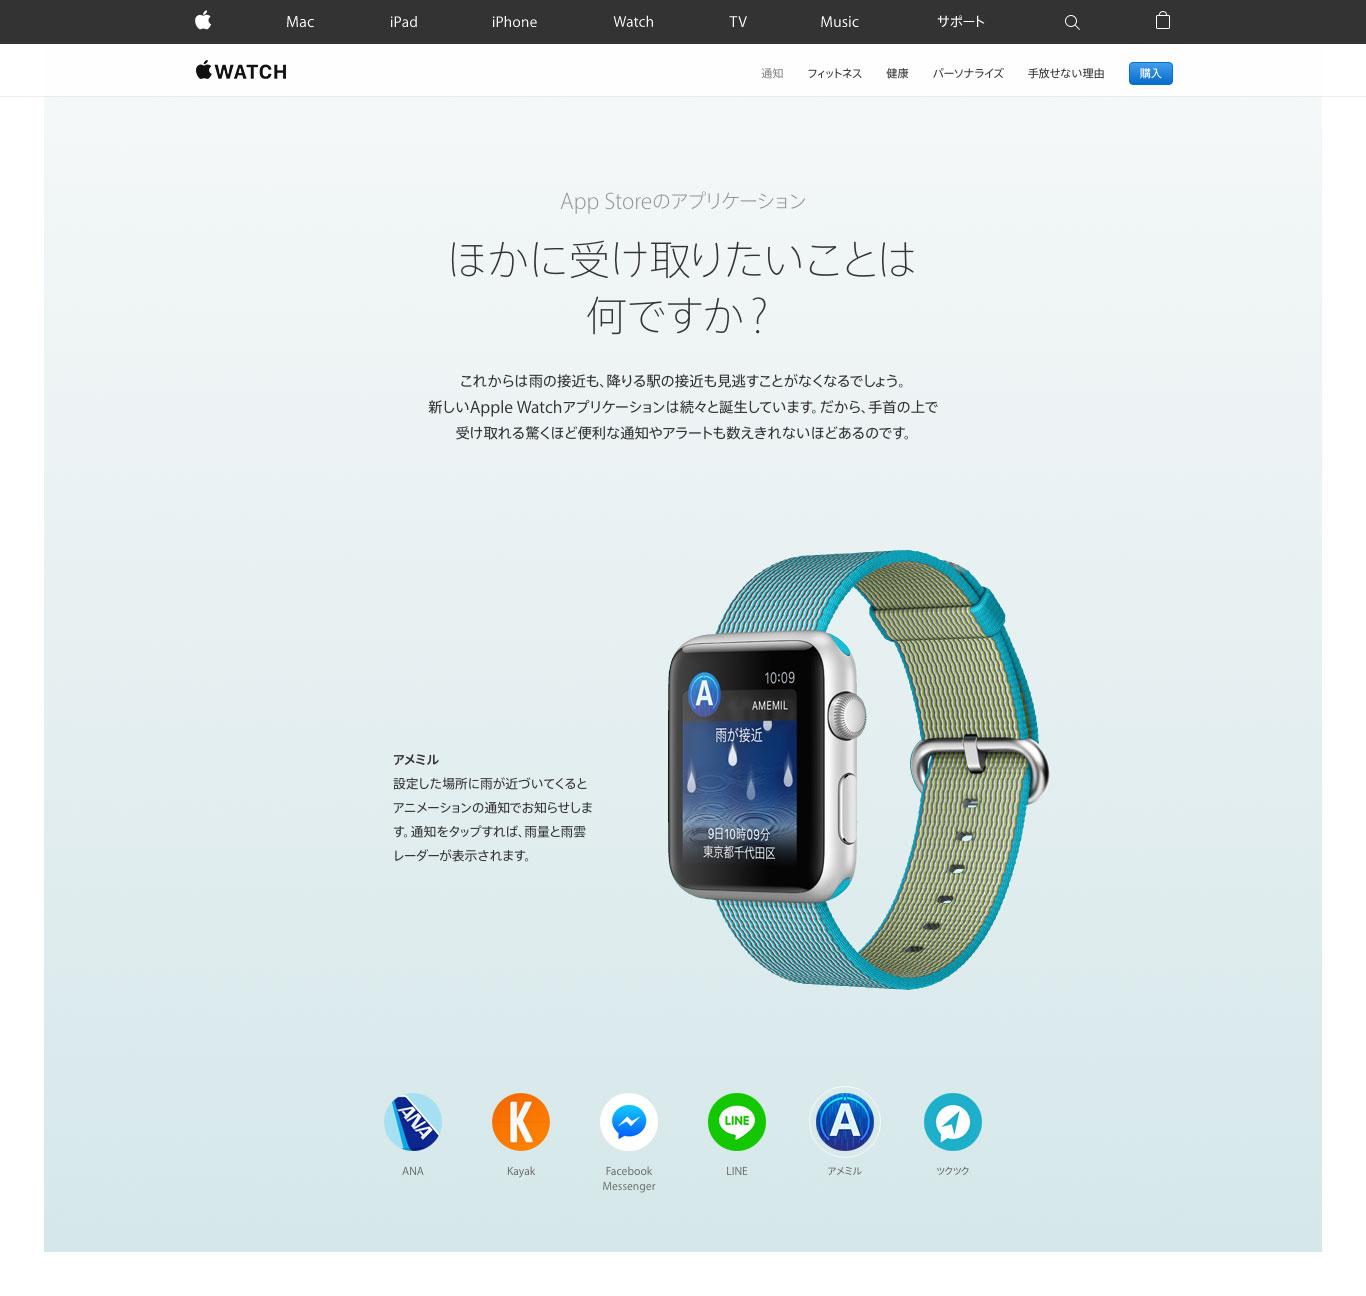 Apple公式サイトで「アメミル」アプリが紹介されている写真